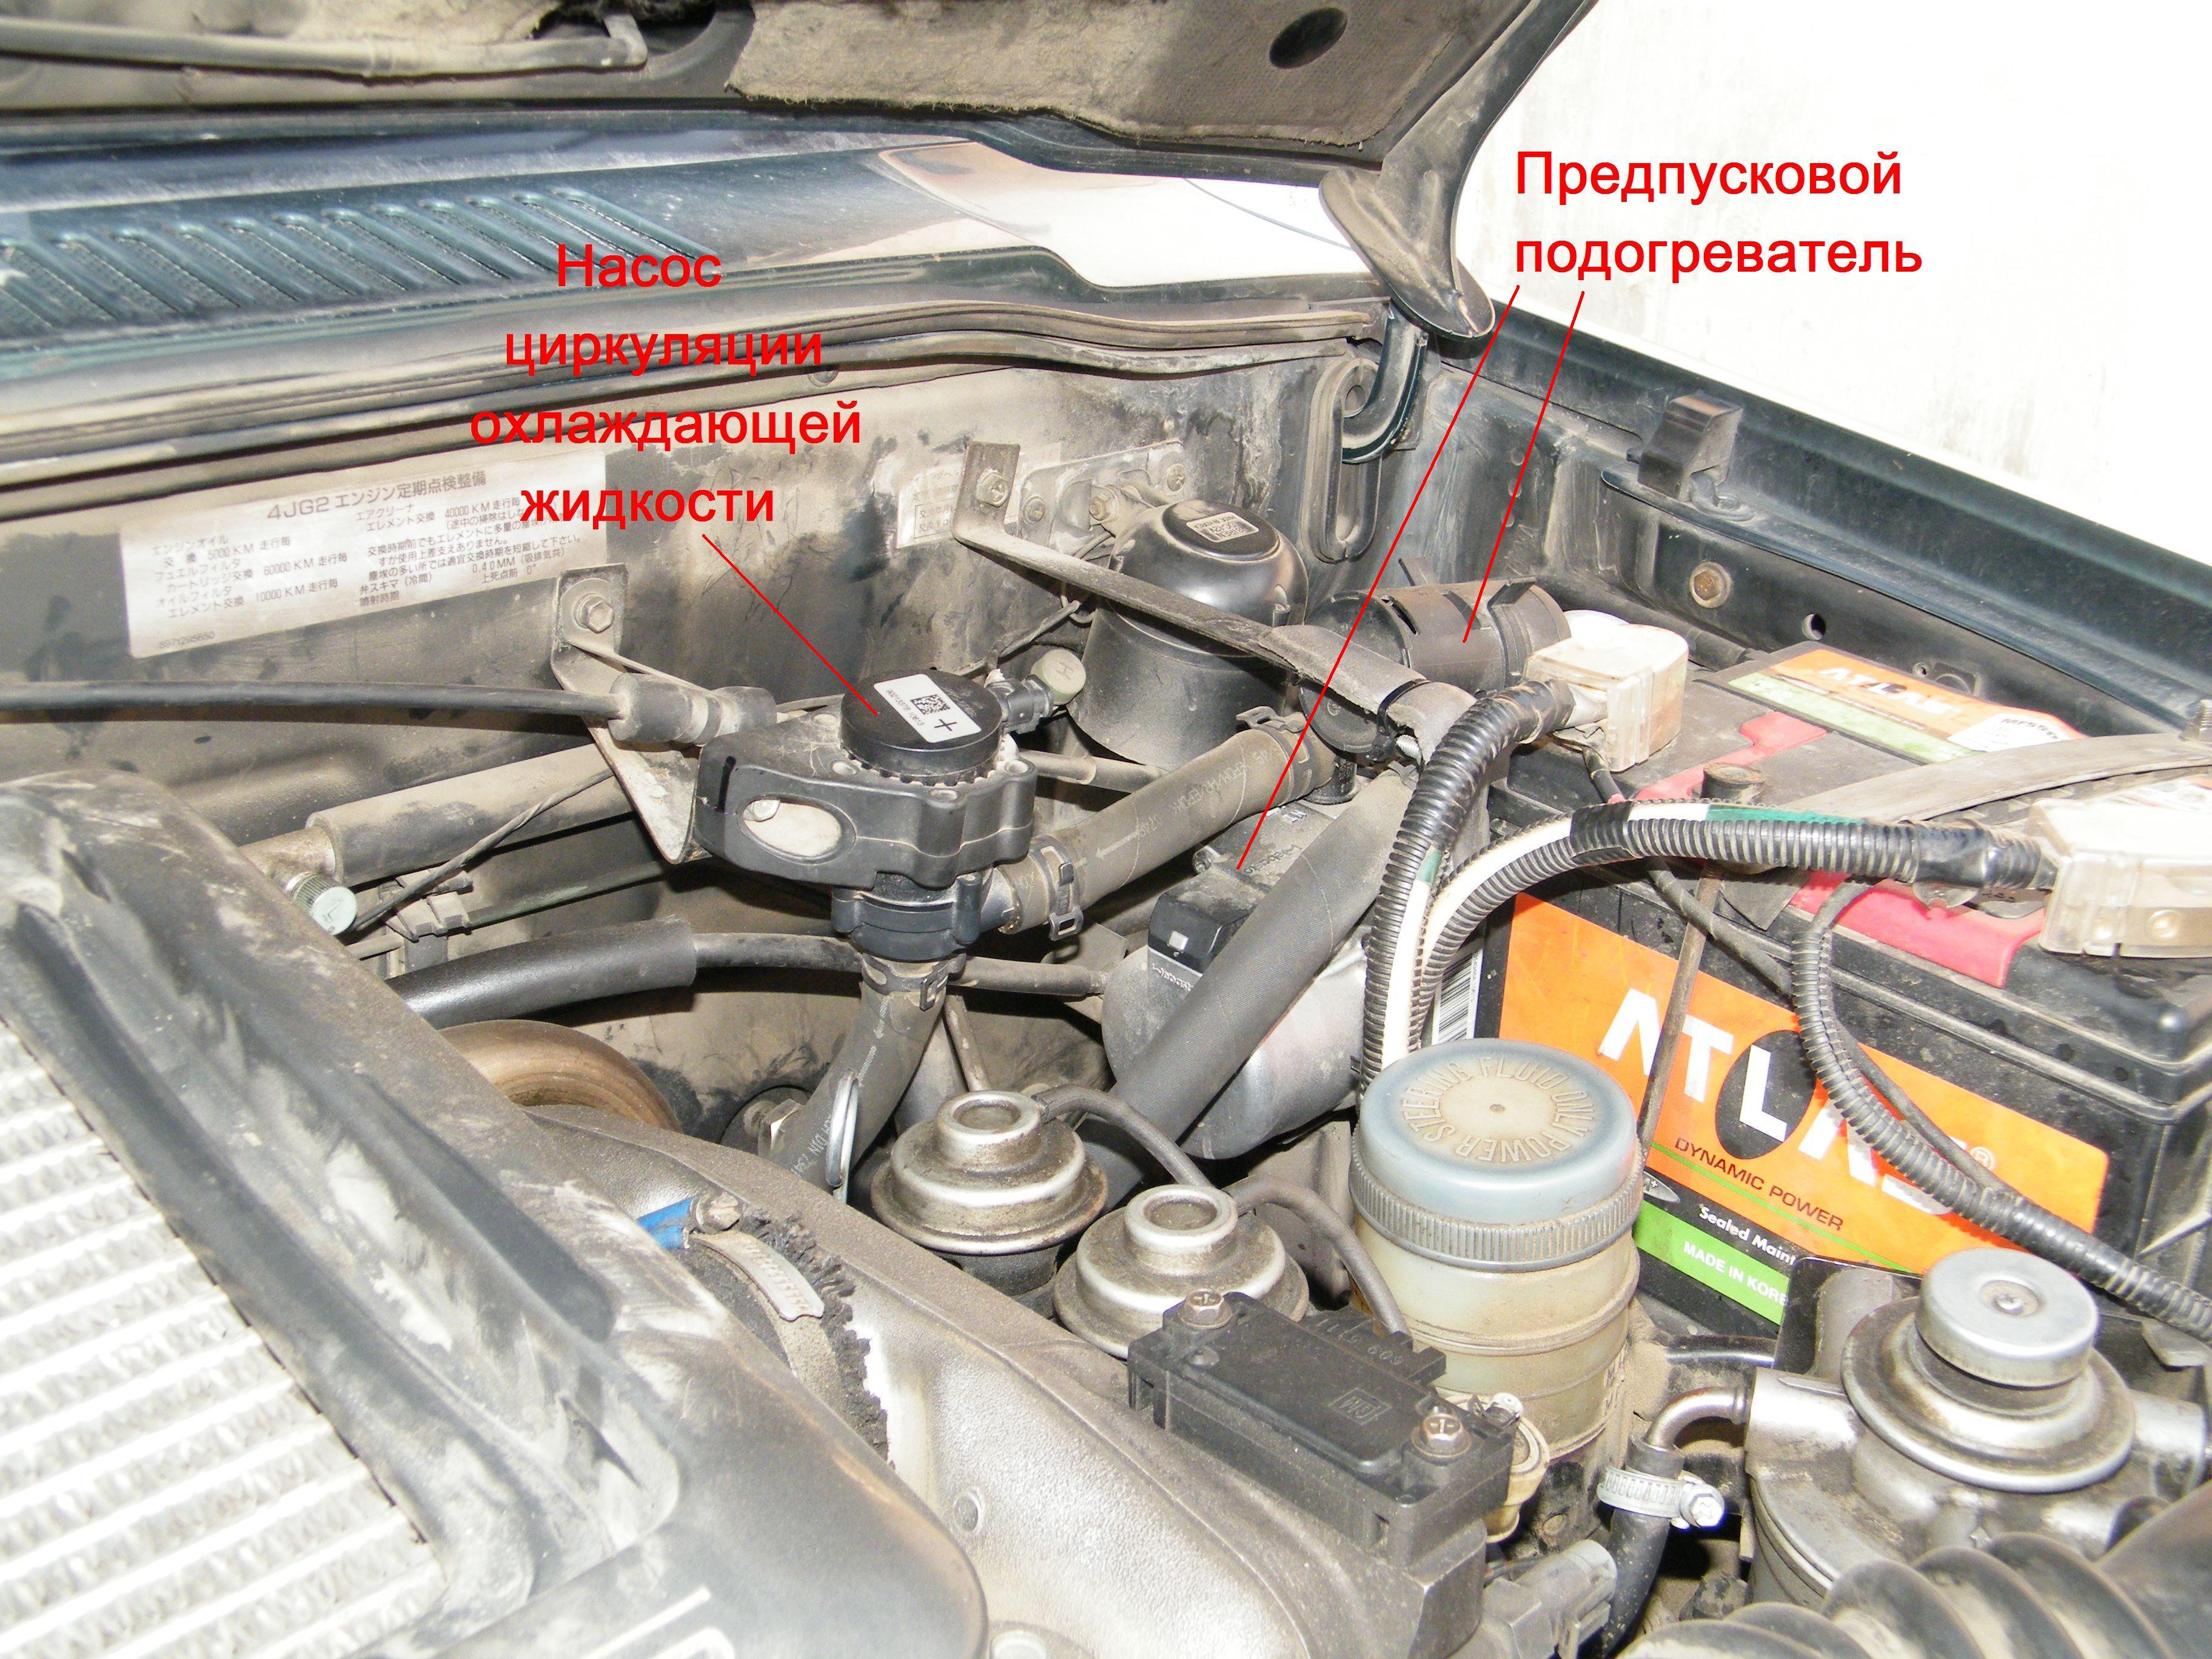 Файл:Предпусковой подогреватель дизельного двигателя ф3.JPG